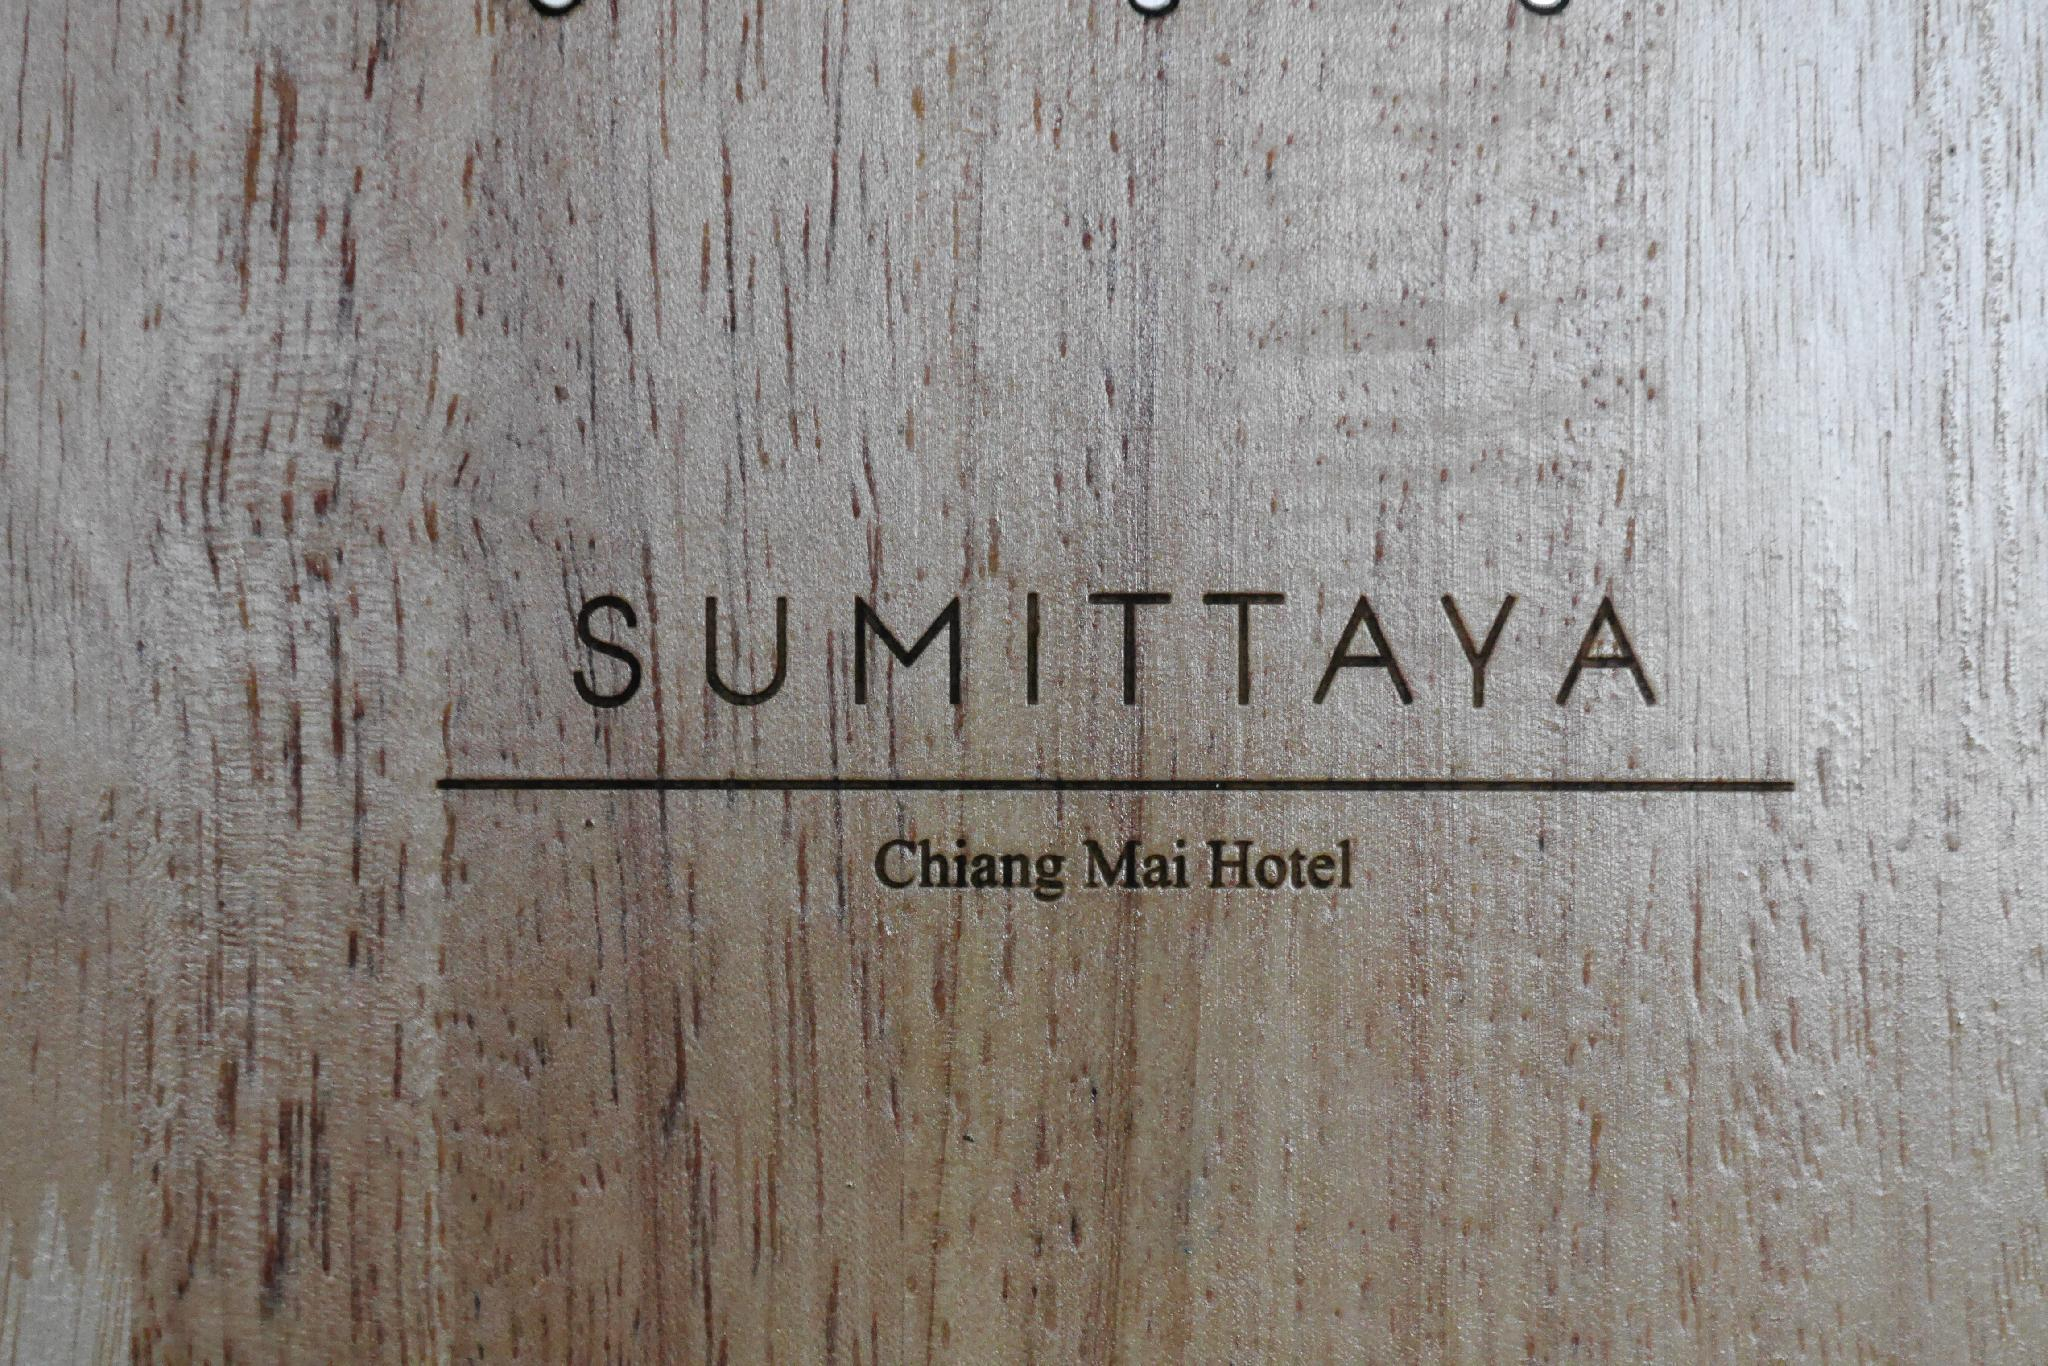 ,Sumittaya Chiangmai Hotel